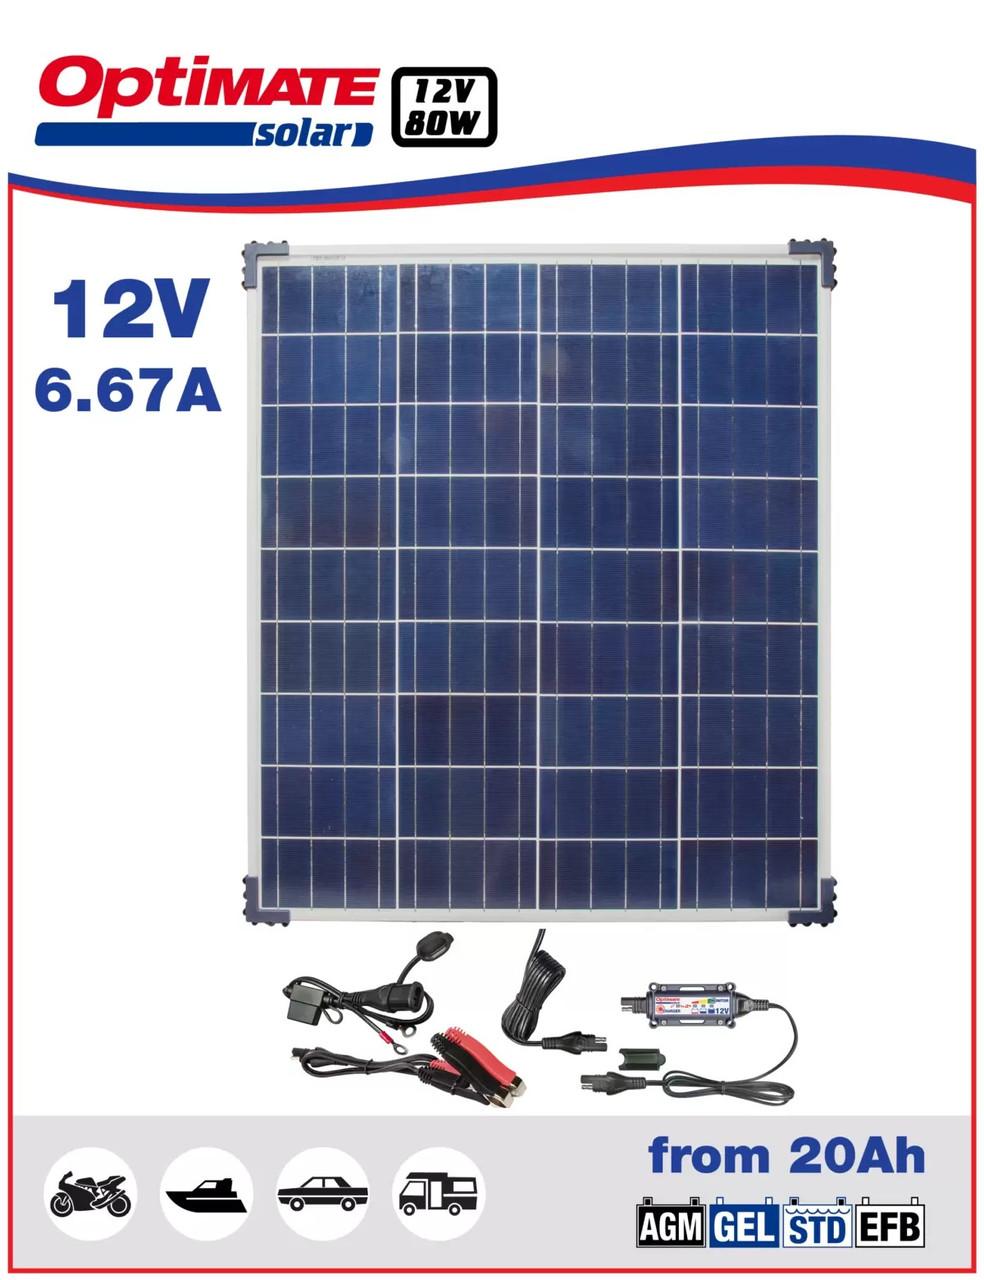 Солнечное зарядное устройство Optimate SOLAR 80W TM523-8KIT1